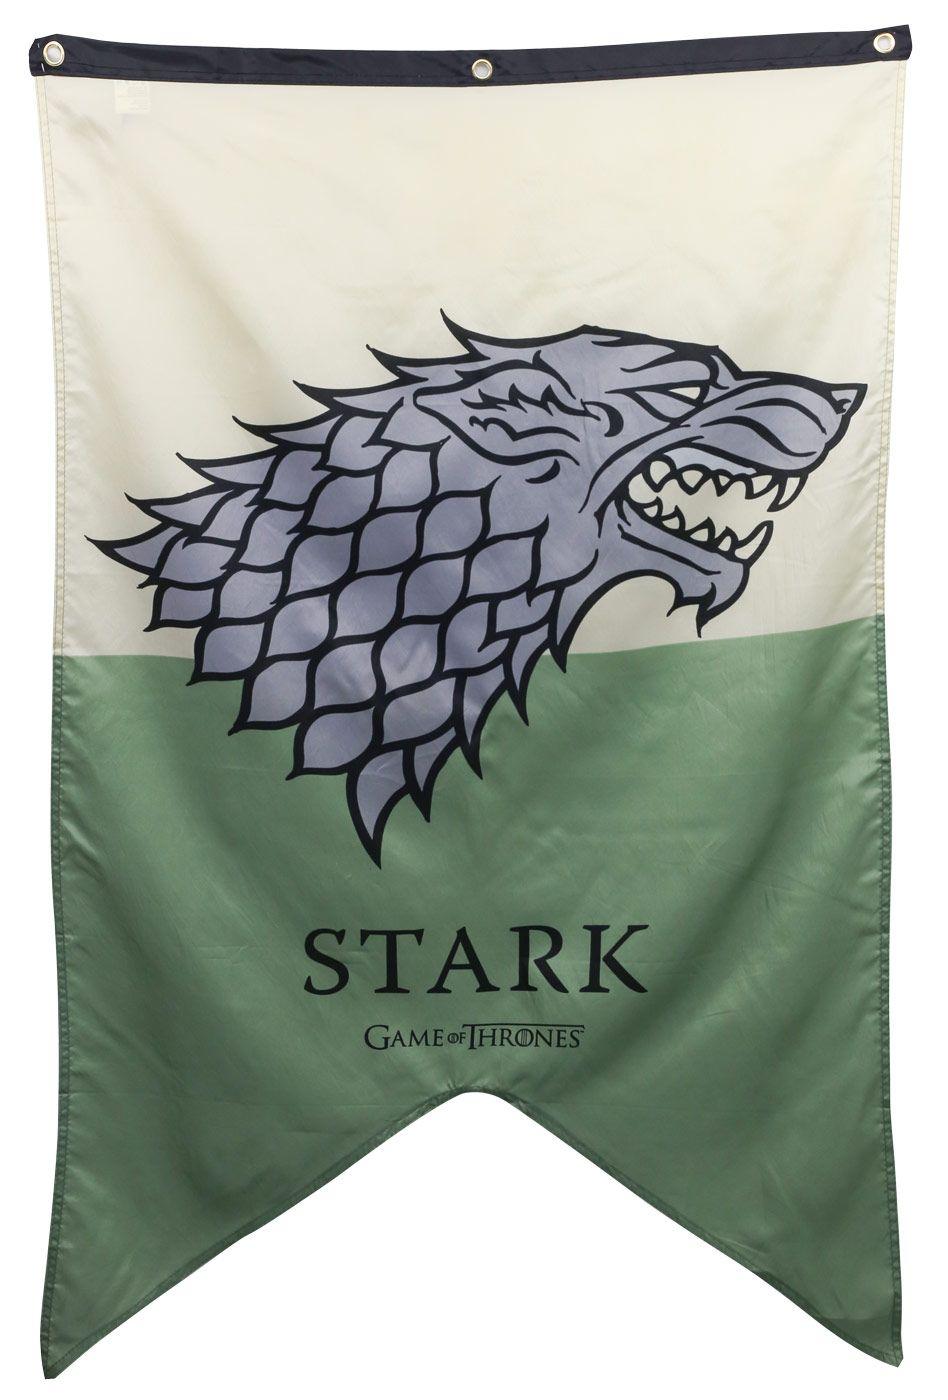 Stark House Banner Game Of Thrones Flags Banners Game Of Thrones Party Game Of Thrones Flags House Stark Banner